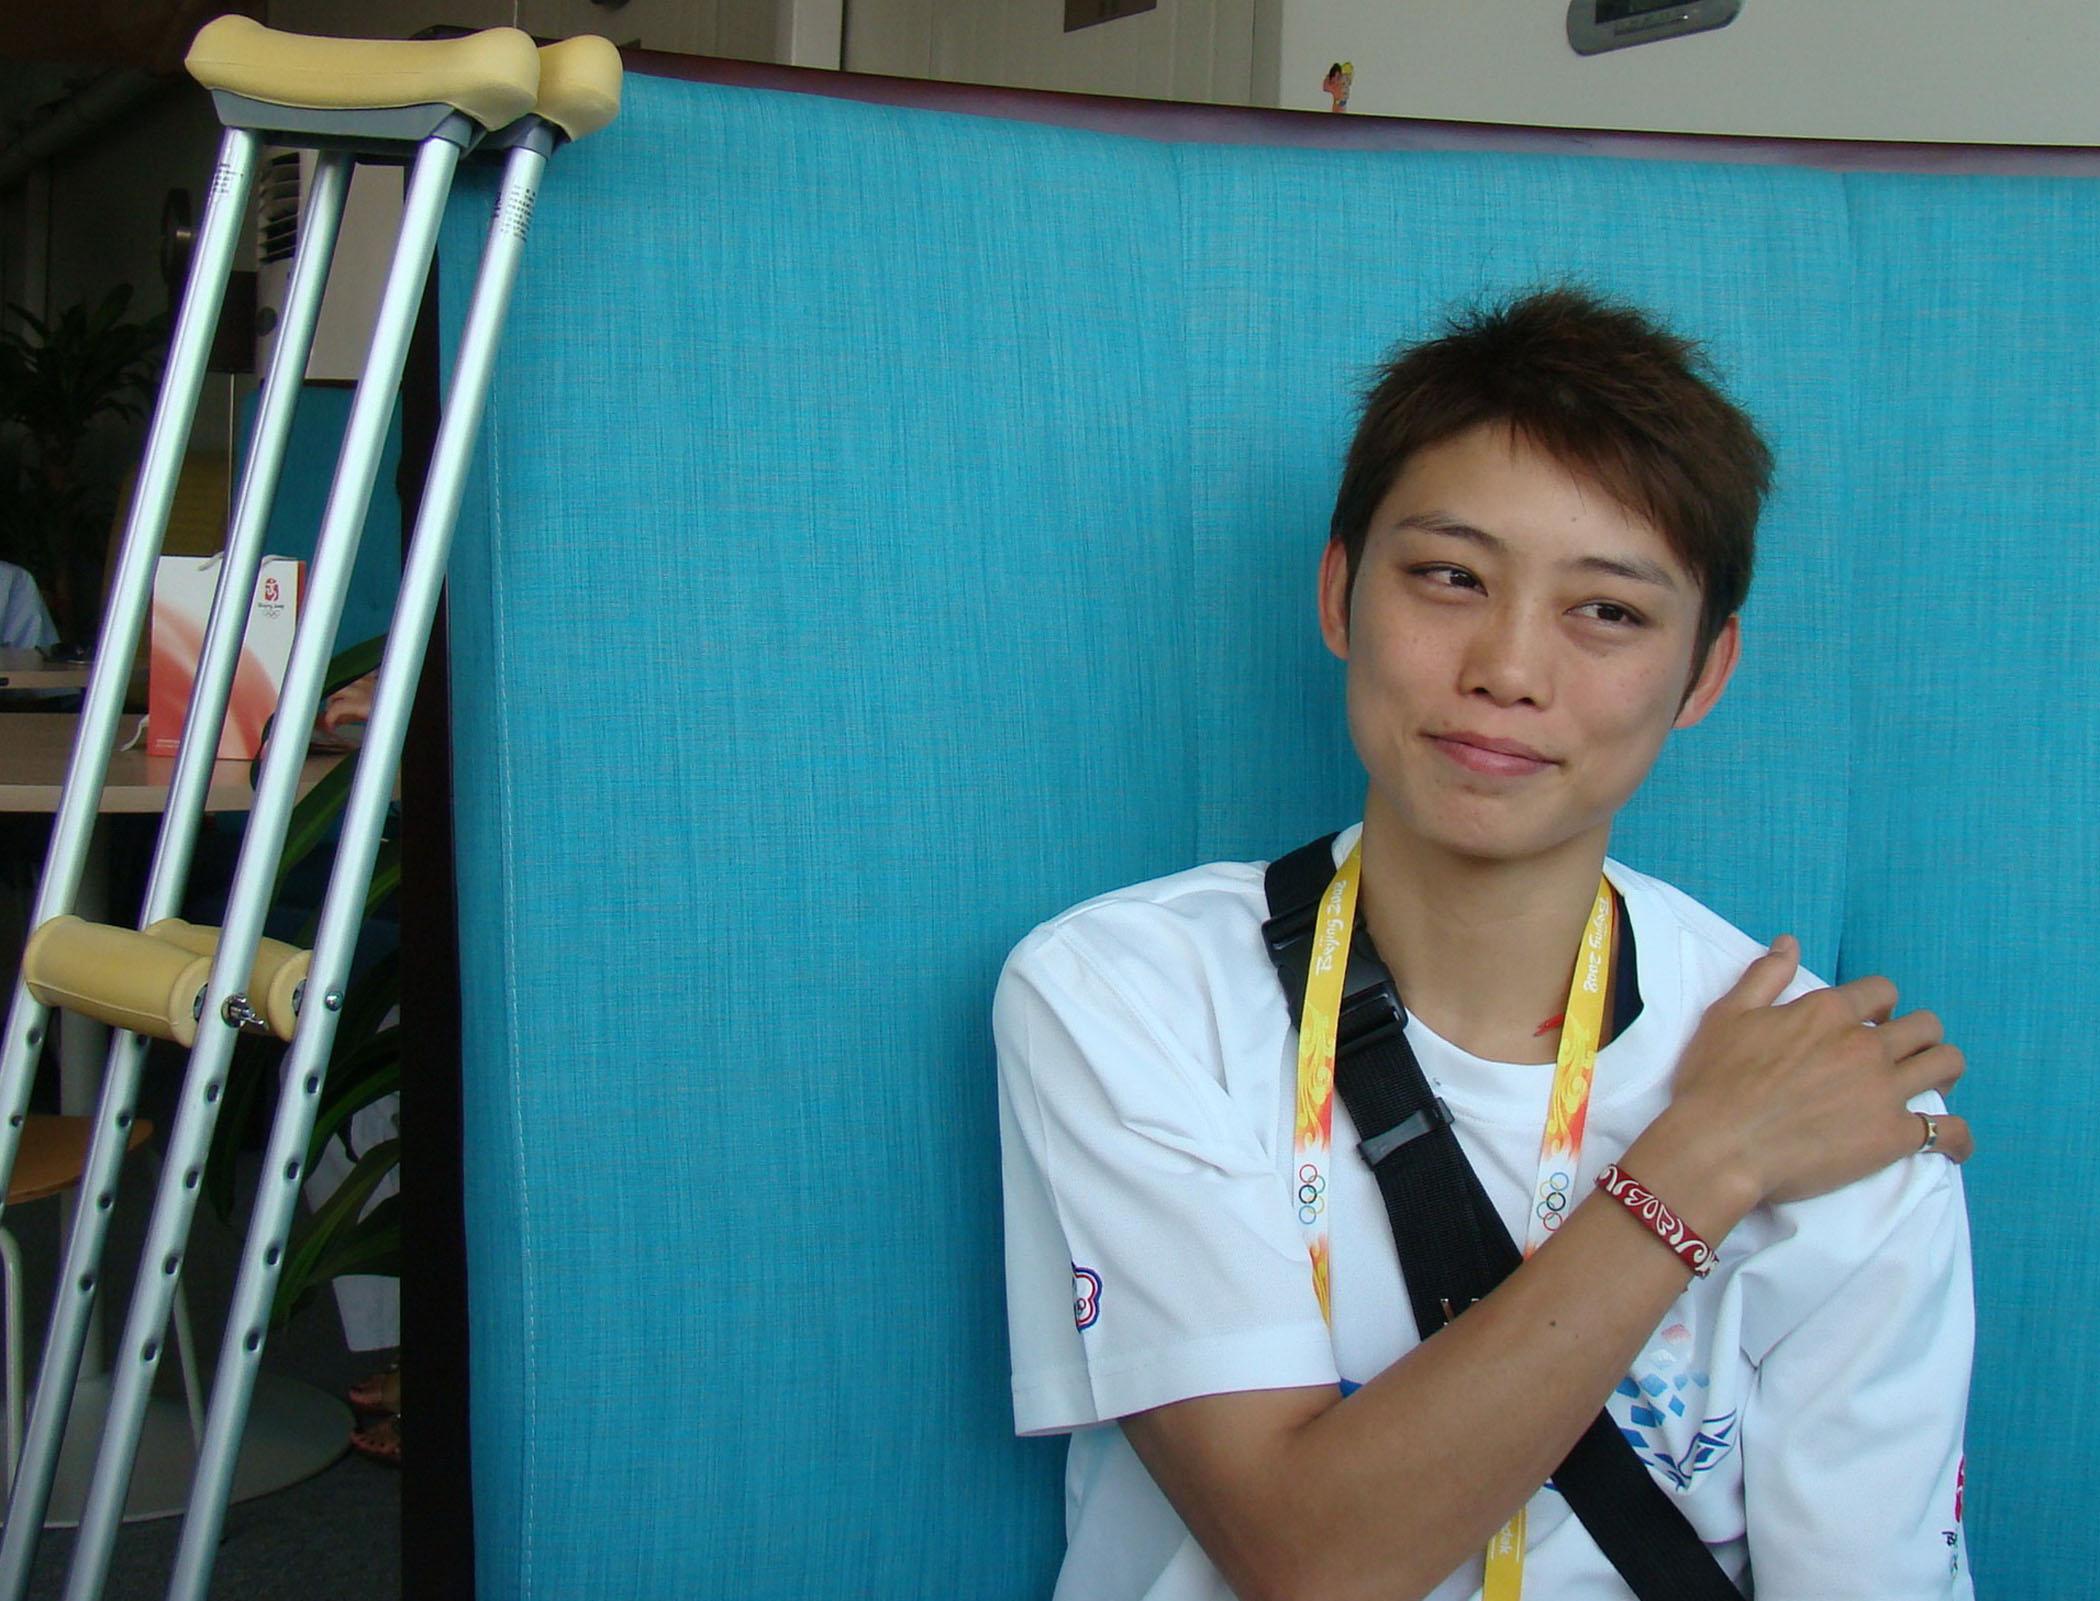 中華奧運跆拳選手蘇麗文在北京奧運浴血奮戰,左膝兩條韌帶受傷,腳趾骨折,目前只能拄拐杖行走,仍希望能參加二十四日的奧運閉幕式。